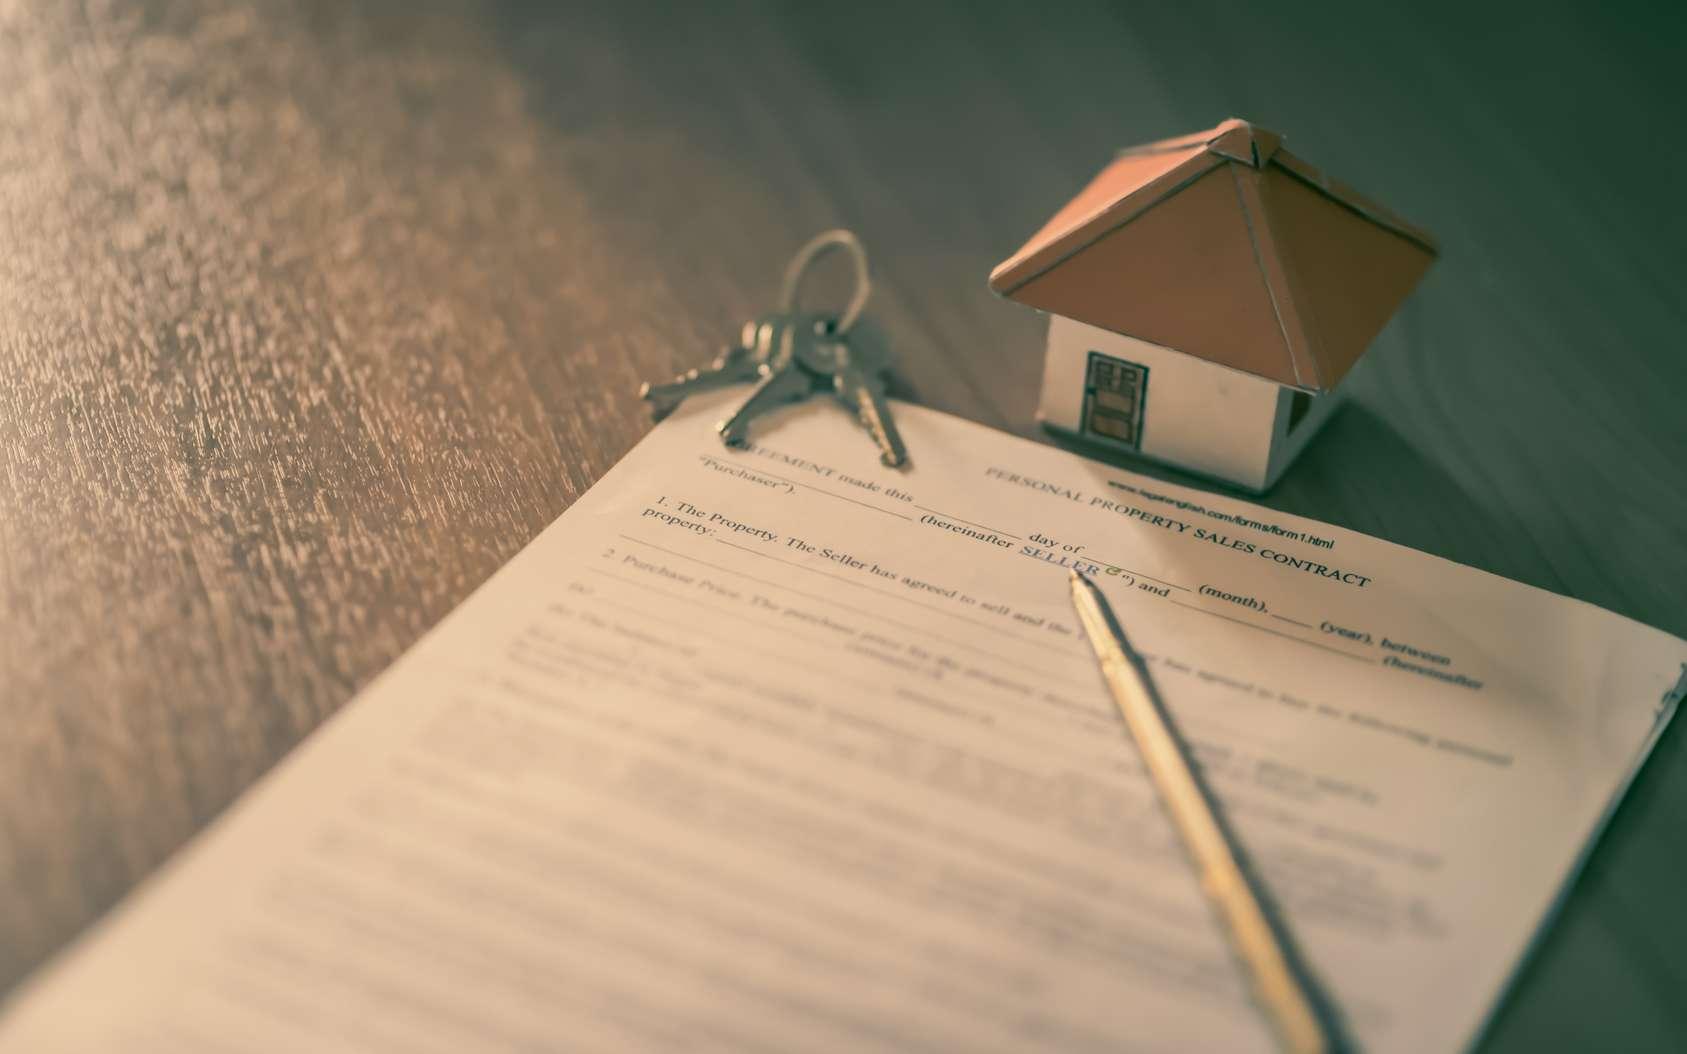 Pour un achat immobilier en toute sécurité, le vendeur a obligation de fournir certaines informations sur l'état du bien à l'acquéreur à travers le dossier de diagnostic technique (DDT). © Ekkapon, Fotolia